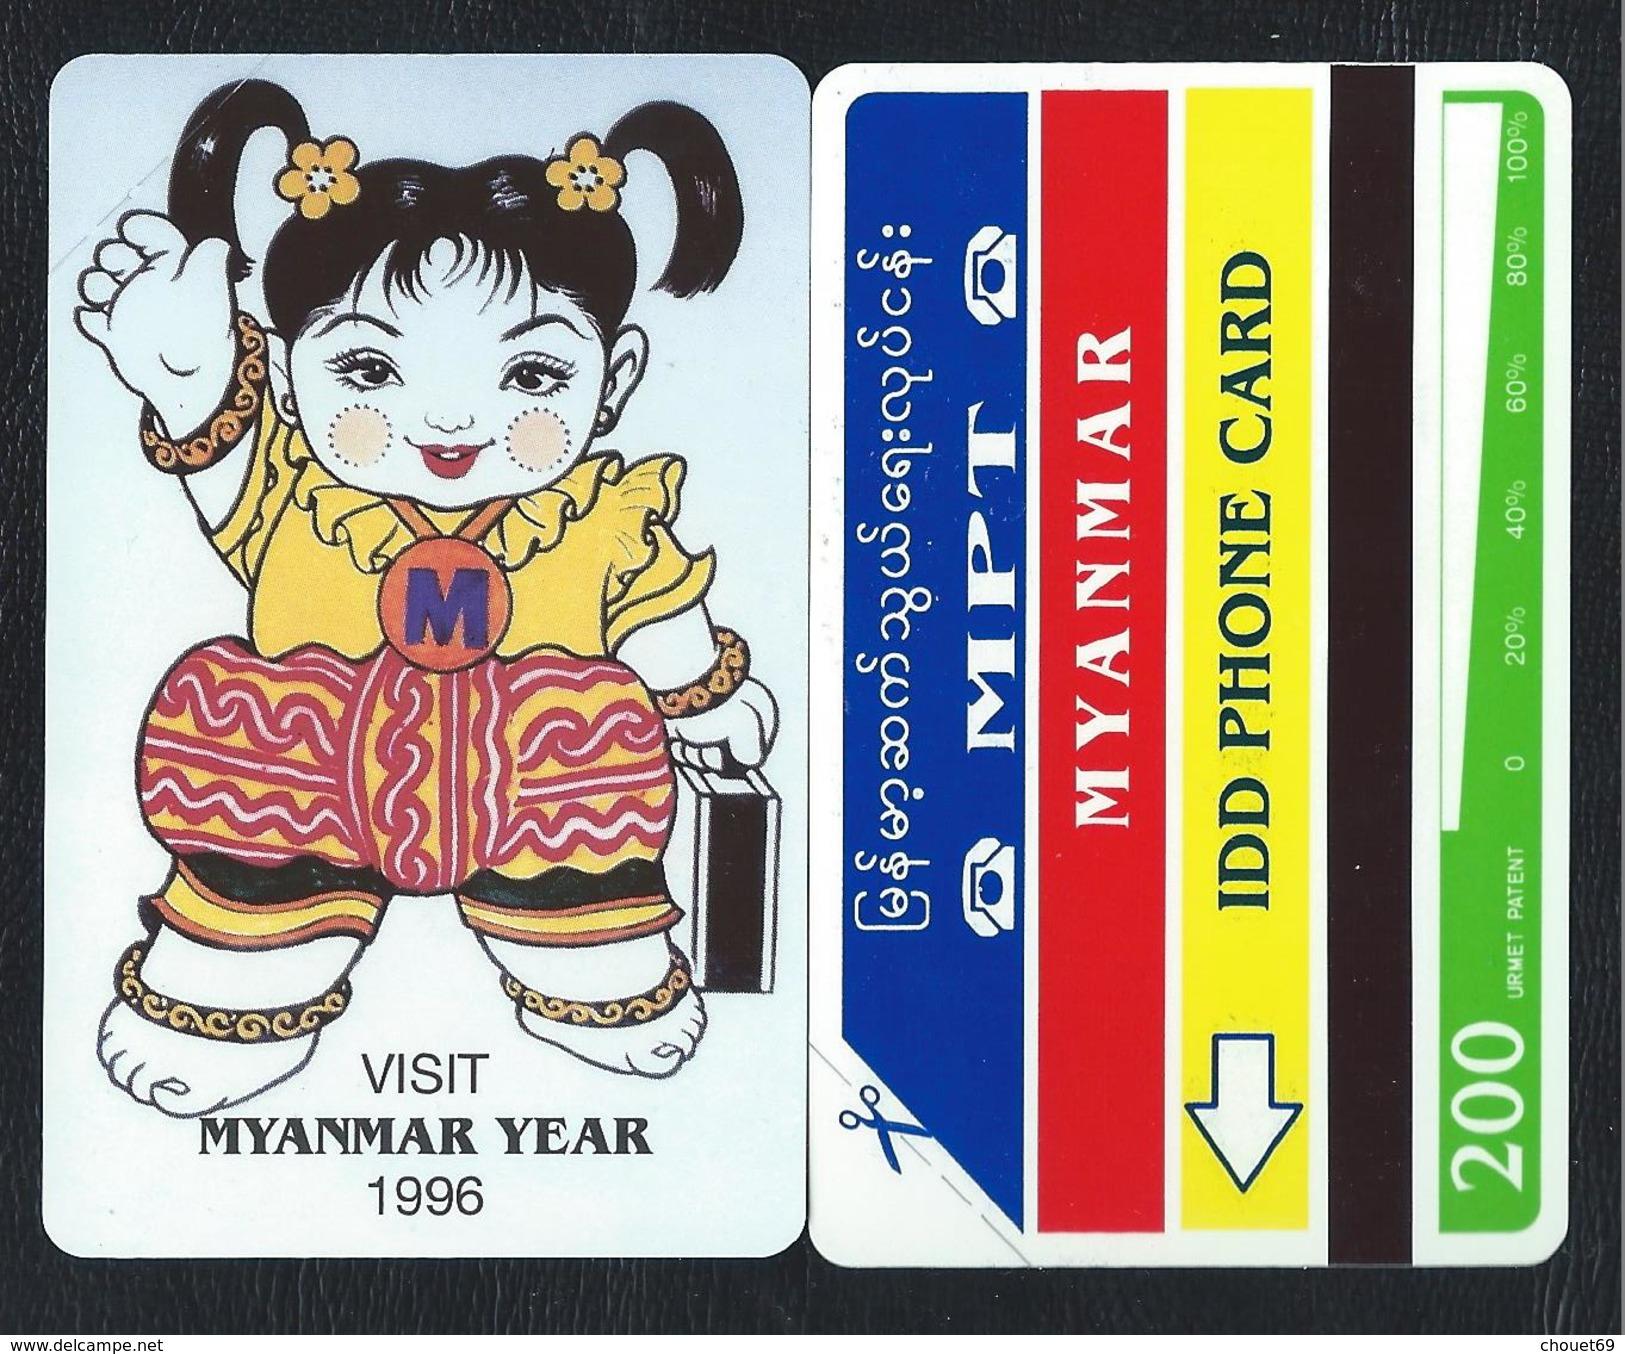 MYANMAR 6 BIRMANIE 200u MYANMAR YEAR 1996 Vert Green 15000ex MYA-06 MINT URMET Neuve - Myanmar